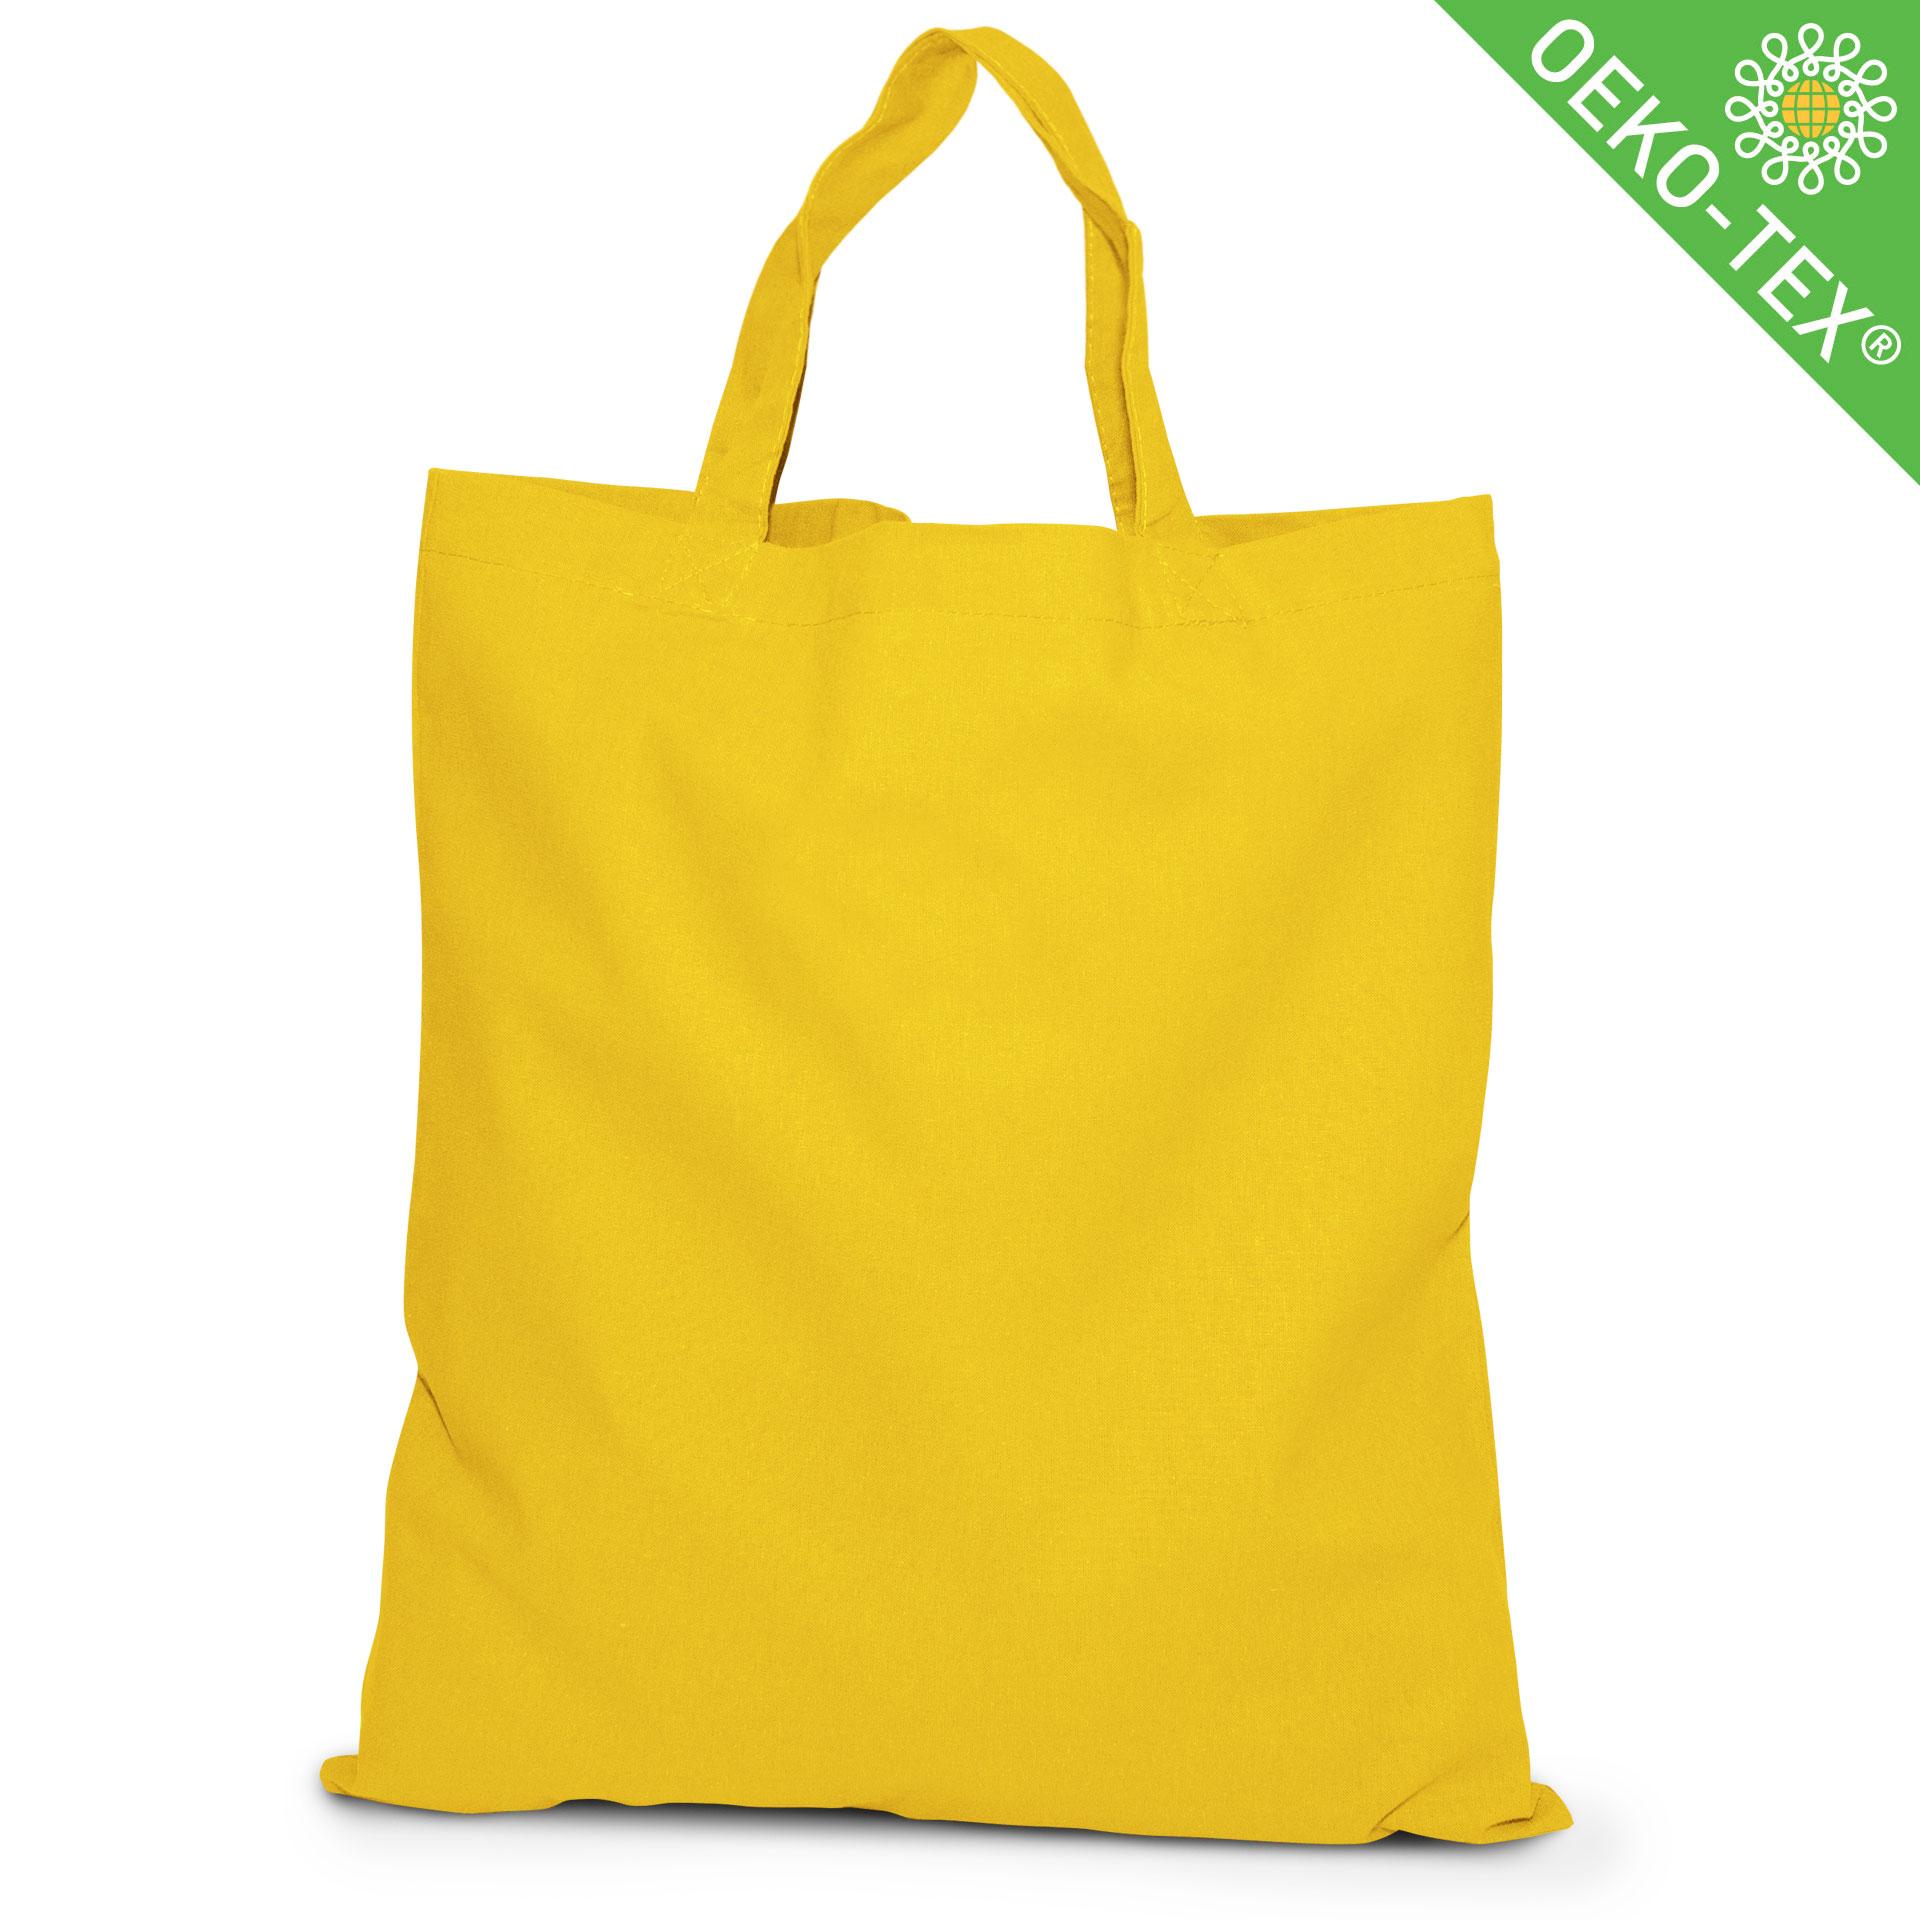 20 Kapstadt Baumwolltasche mit kurzen Henkeln, Farbe: gelb